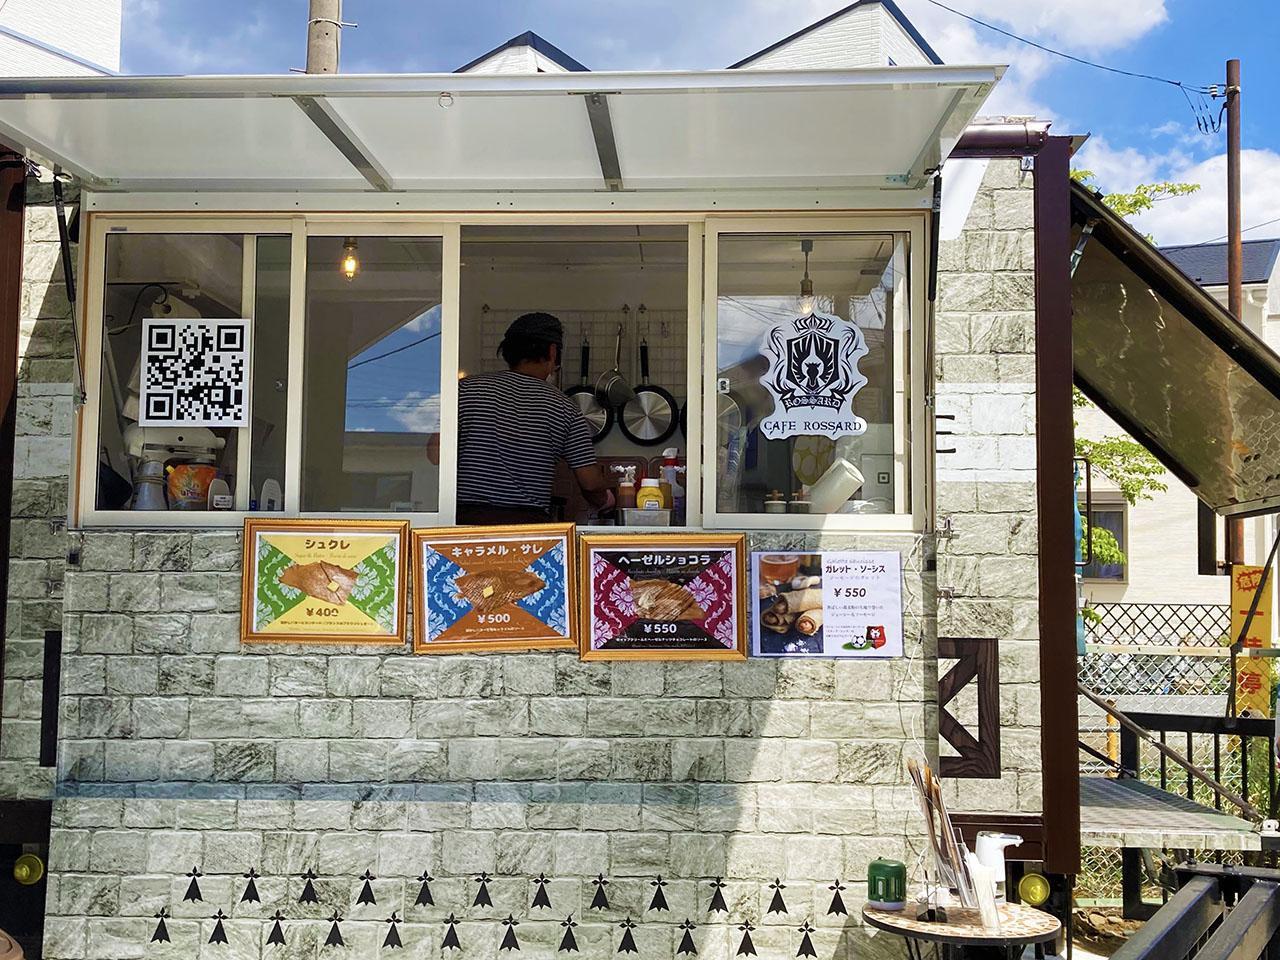 人気ガレット店「カフェ ロスアード」がキッチンカーを発進!